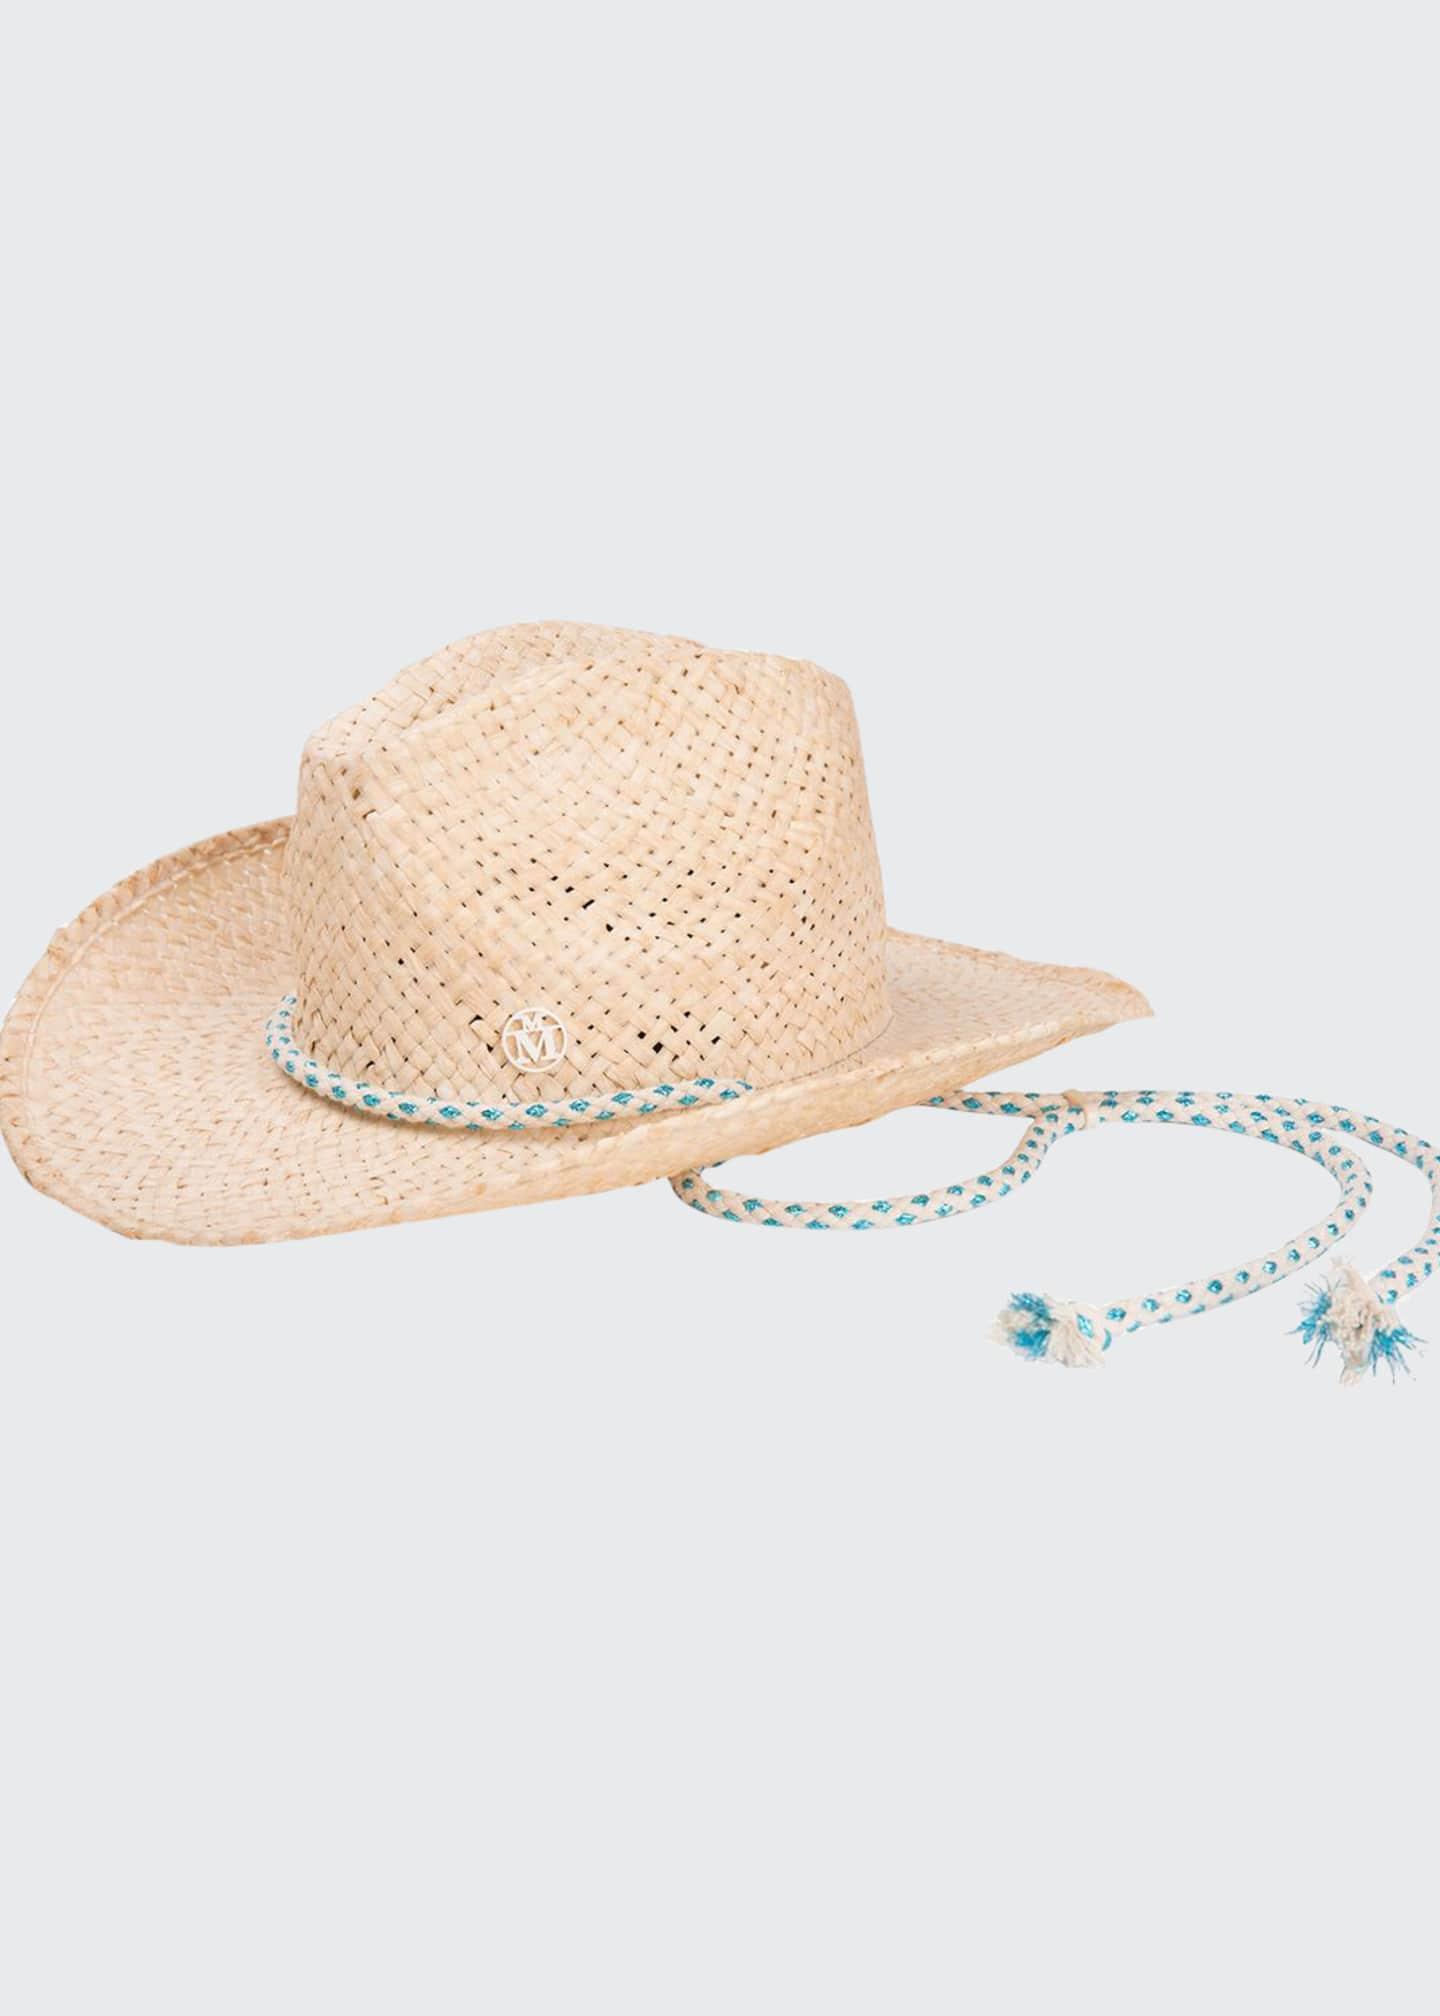 Maison Michel Austin Raffia Cowboy Hat